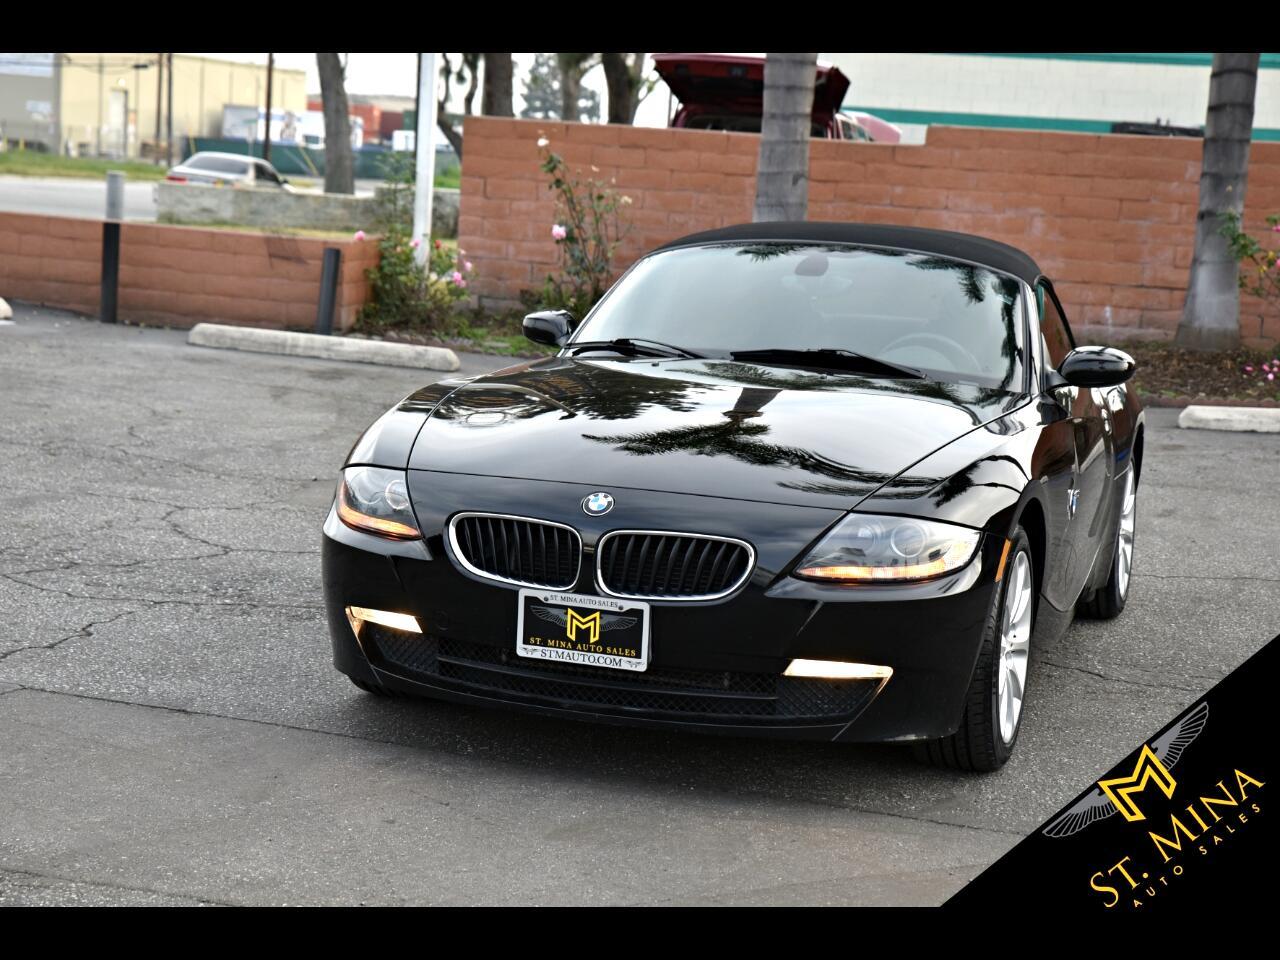 2007 BMW Z4 Roadster 3.0i